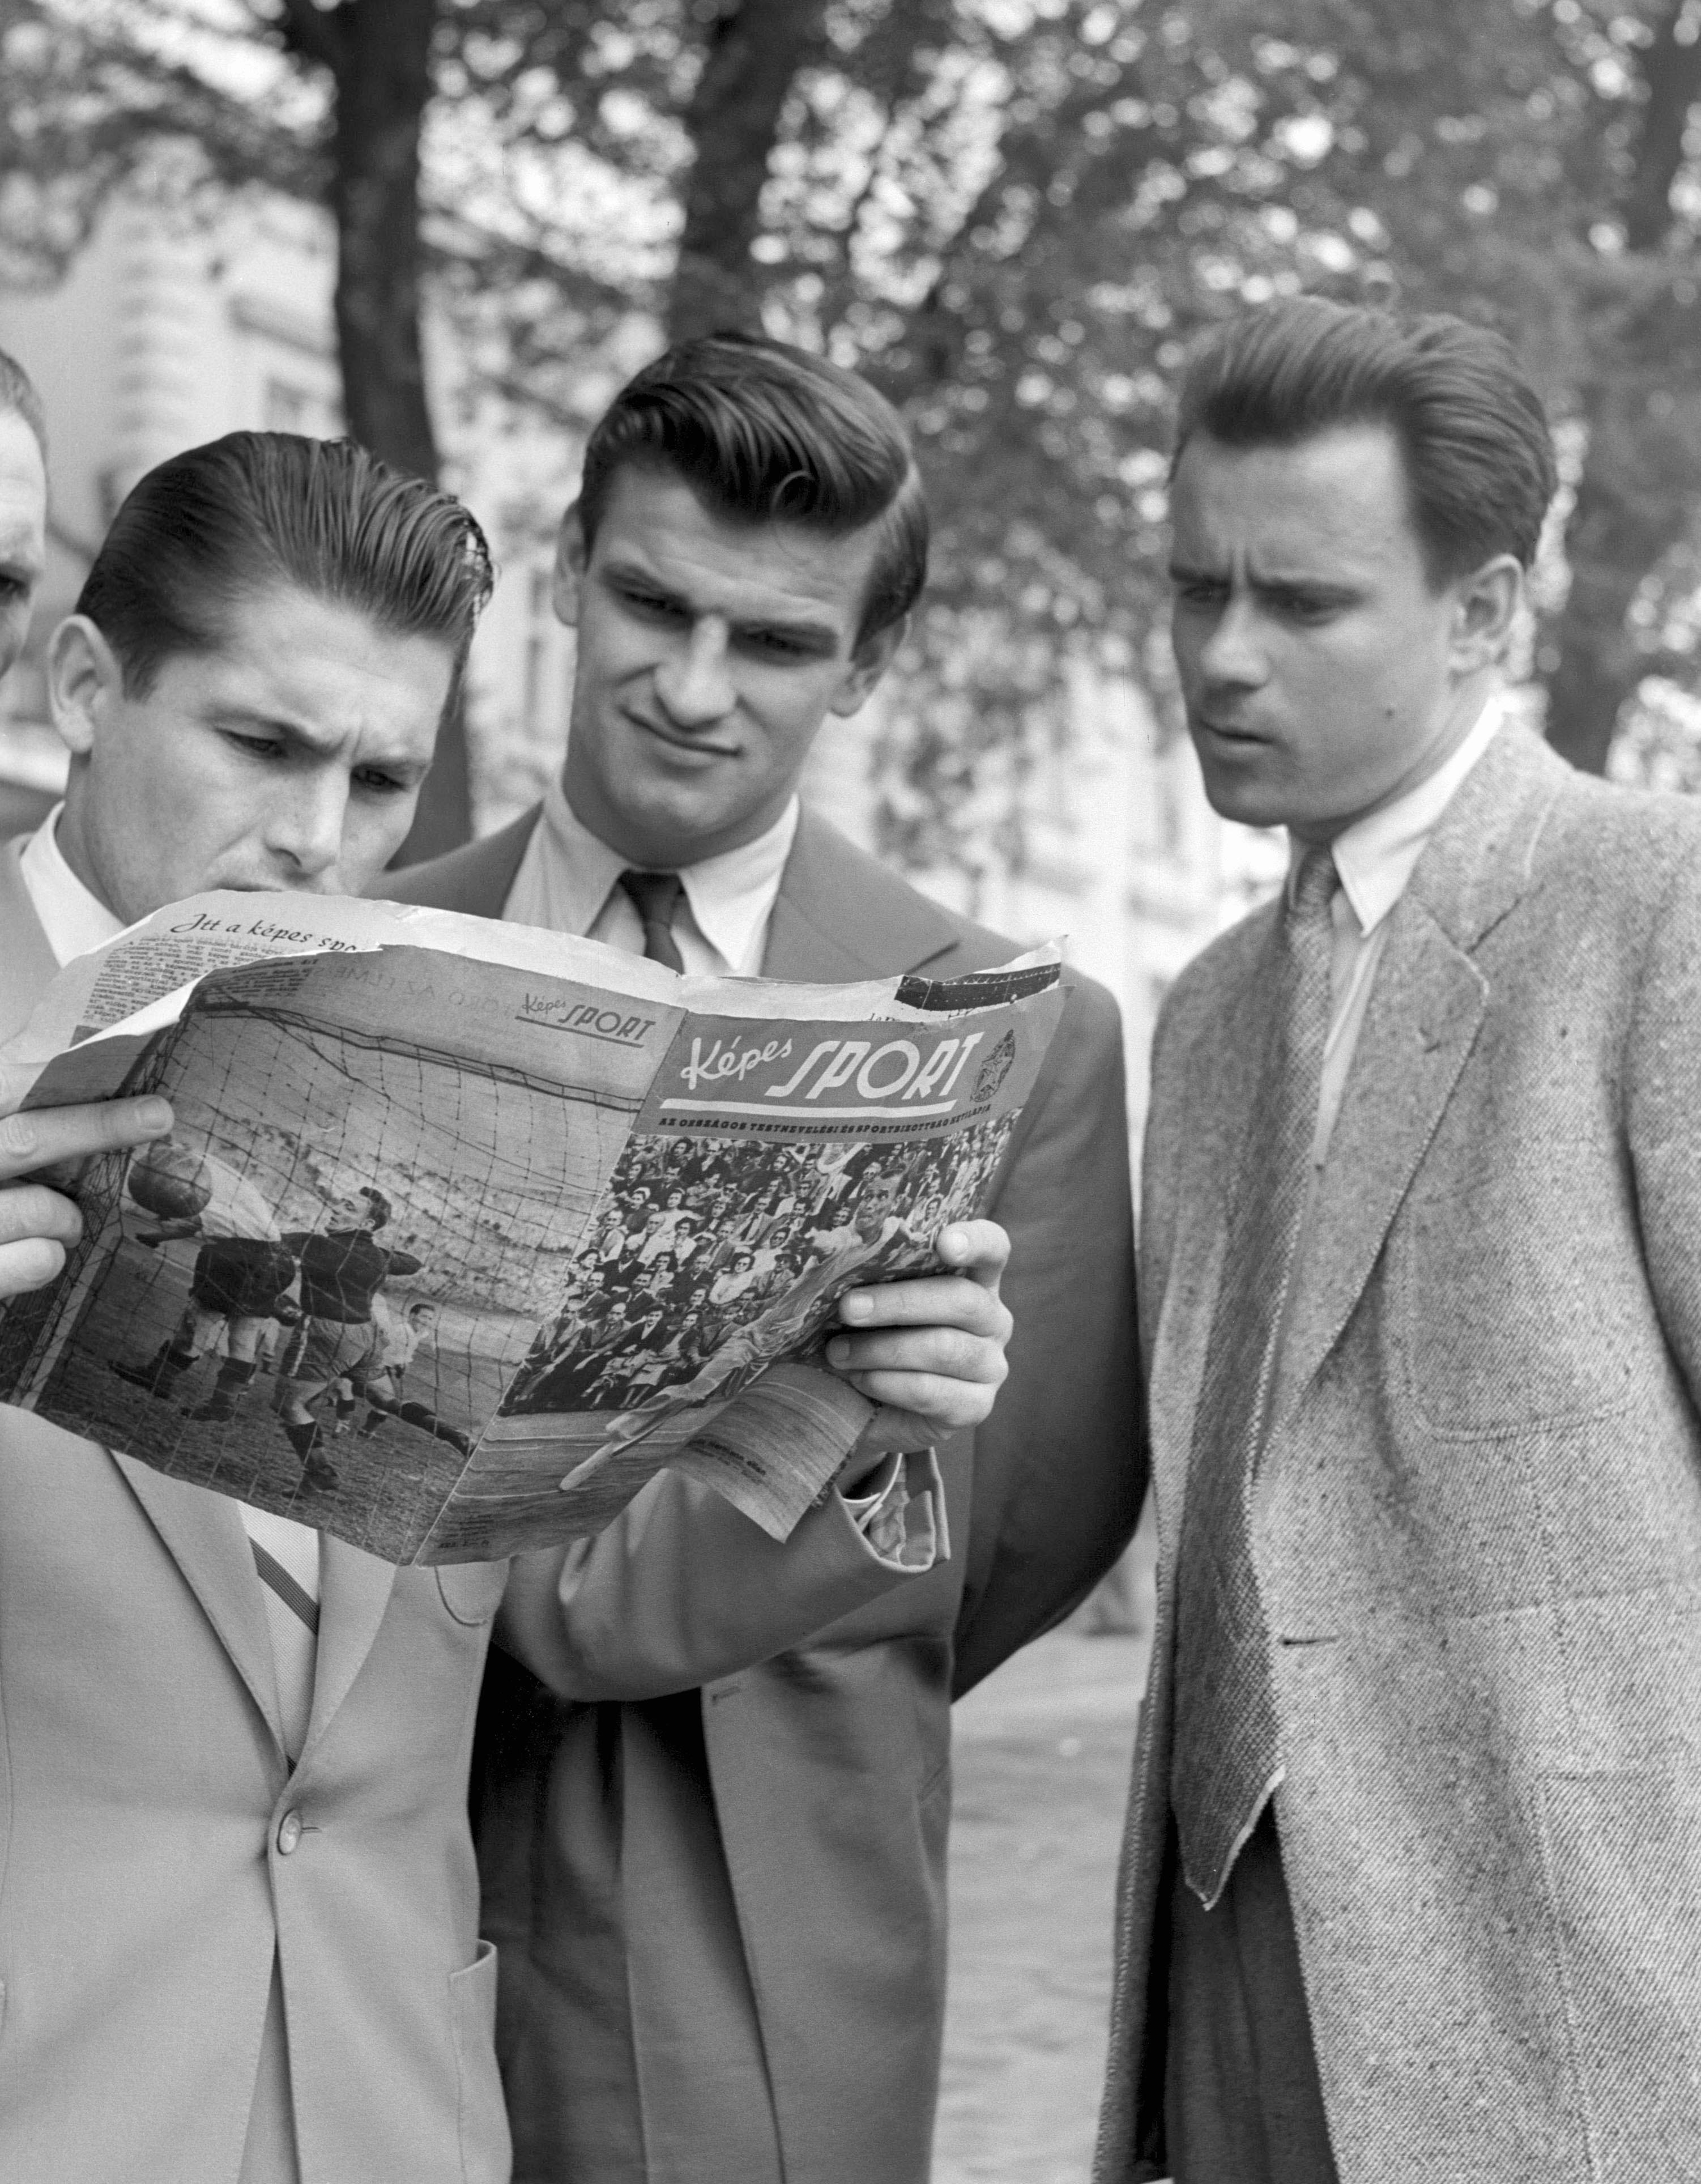 Sándor Károly, Kocsis Sándor és Kárpáti Béla a Képes Sport legújabb számát olvassák /Fotó: MTI